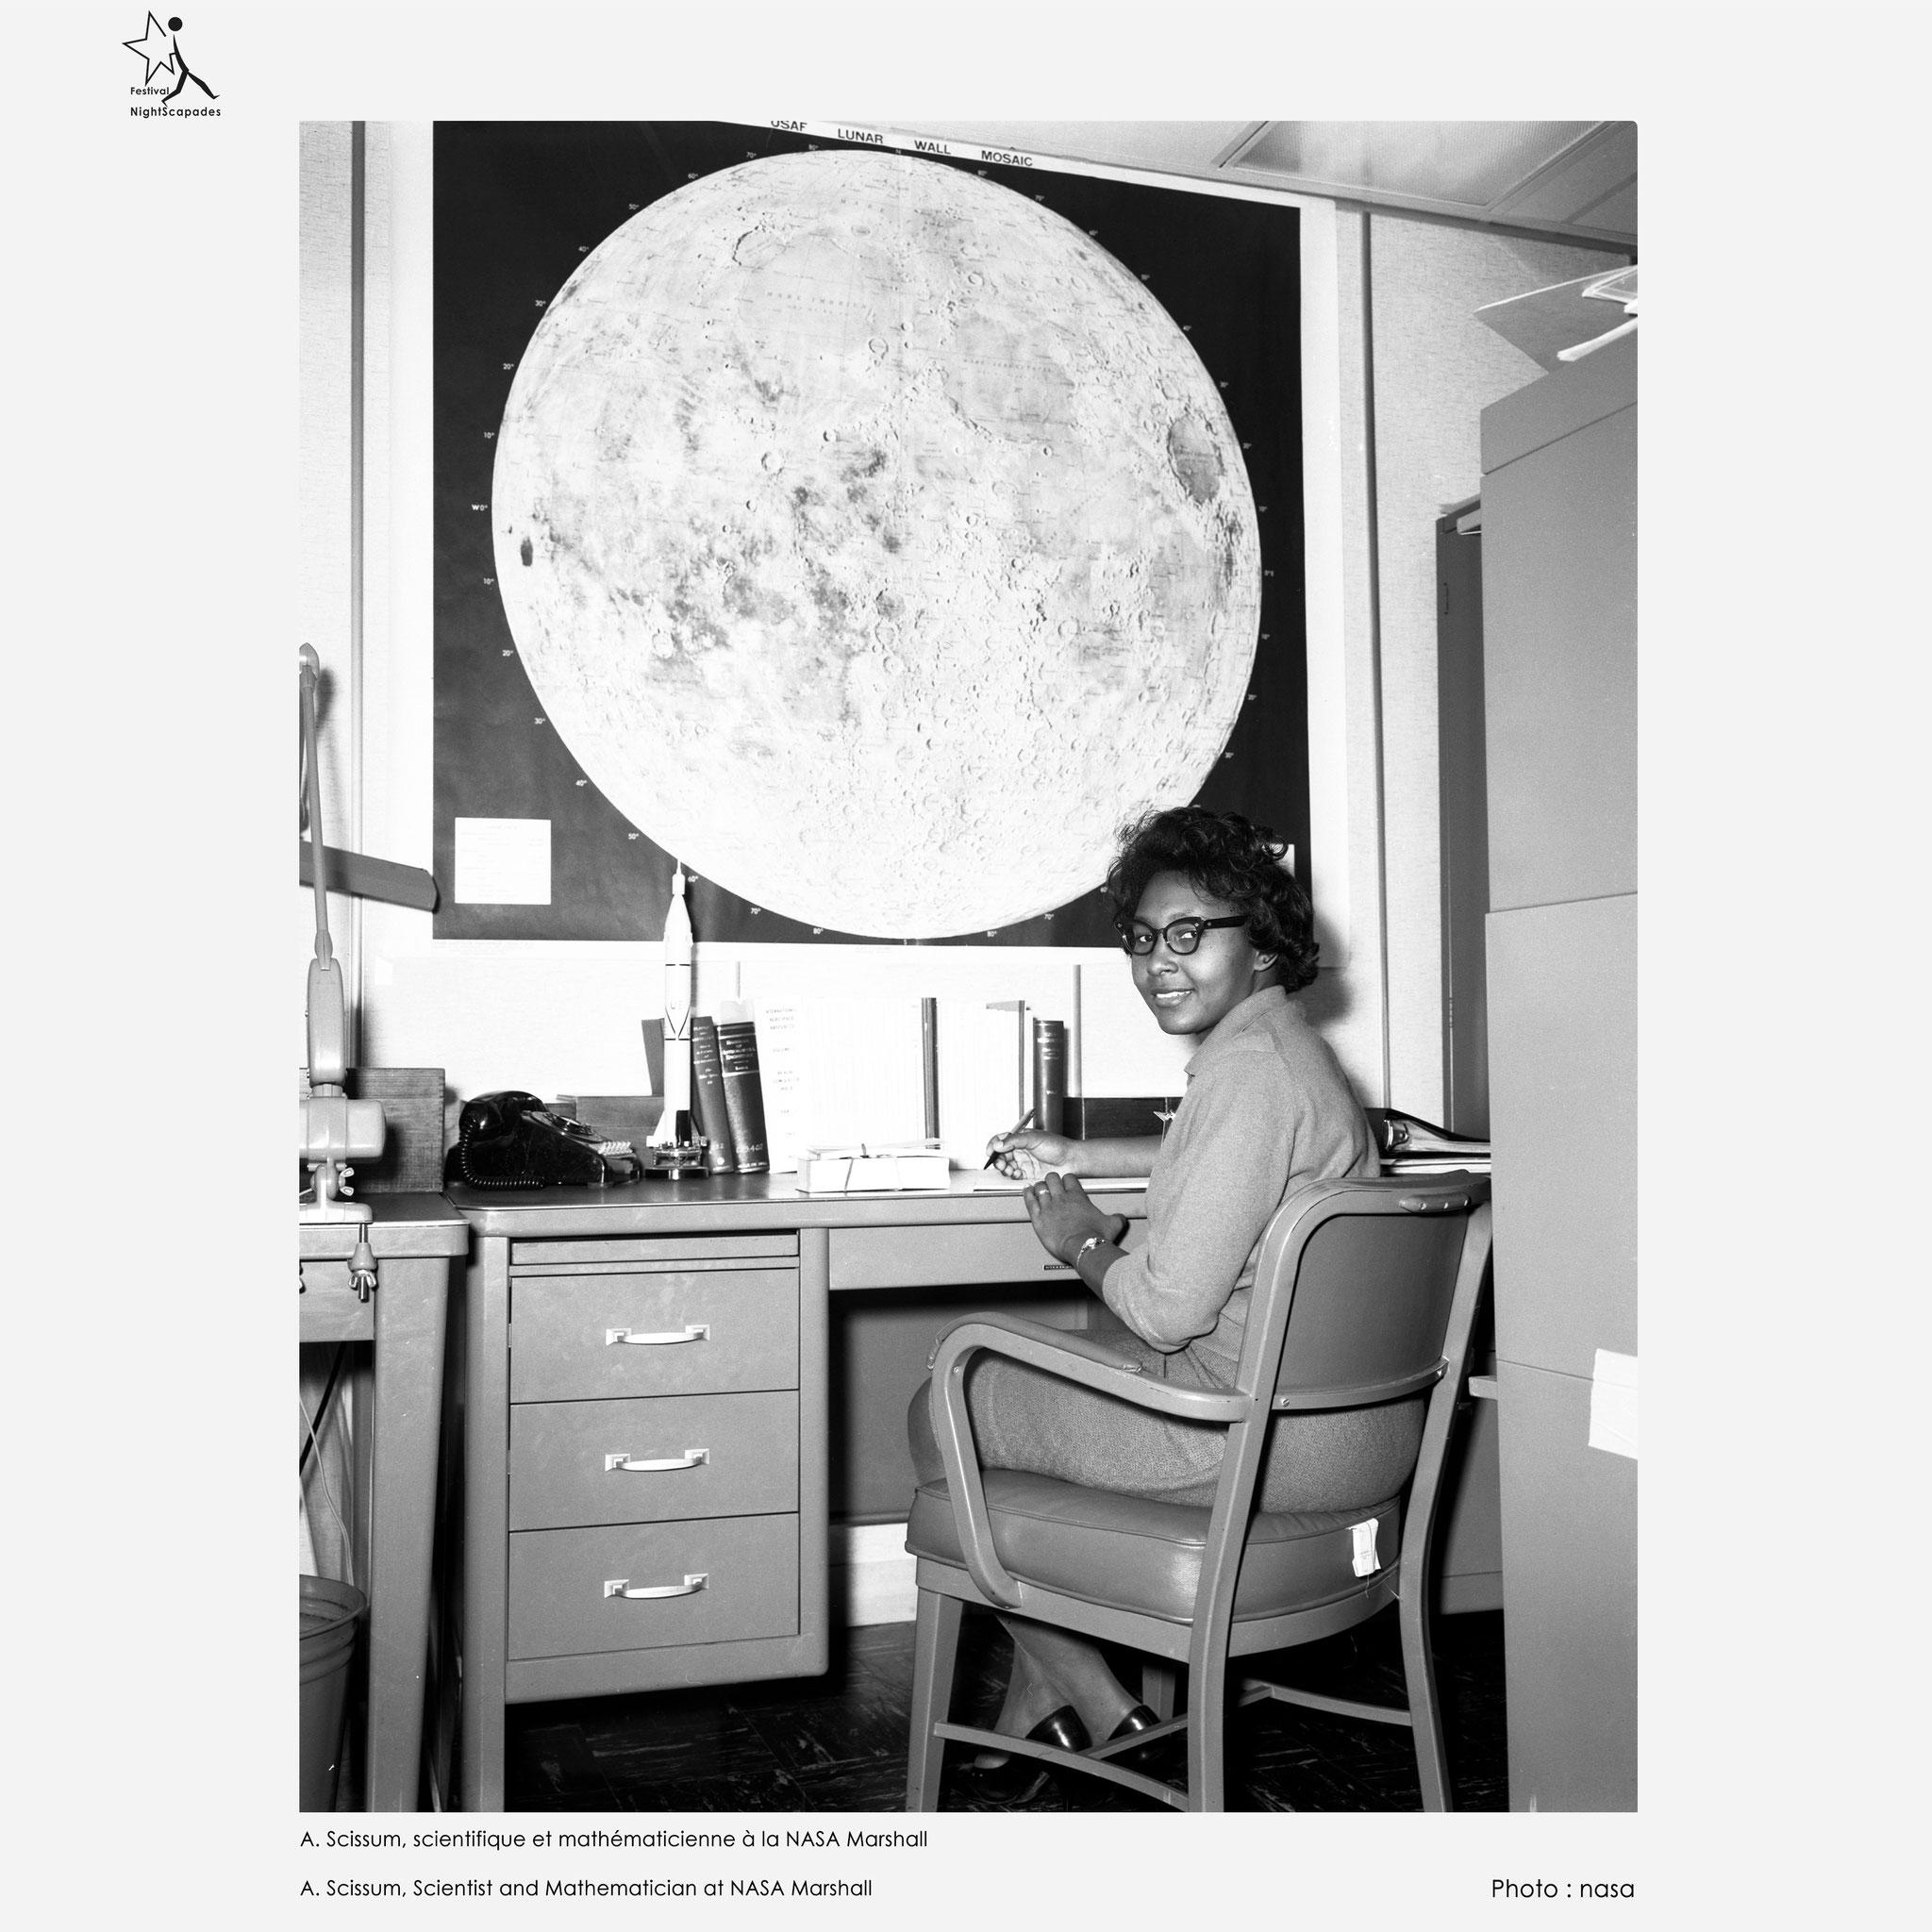 A. Scissum, scientifique et mathématicienne à la NASA Marshall